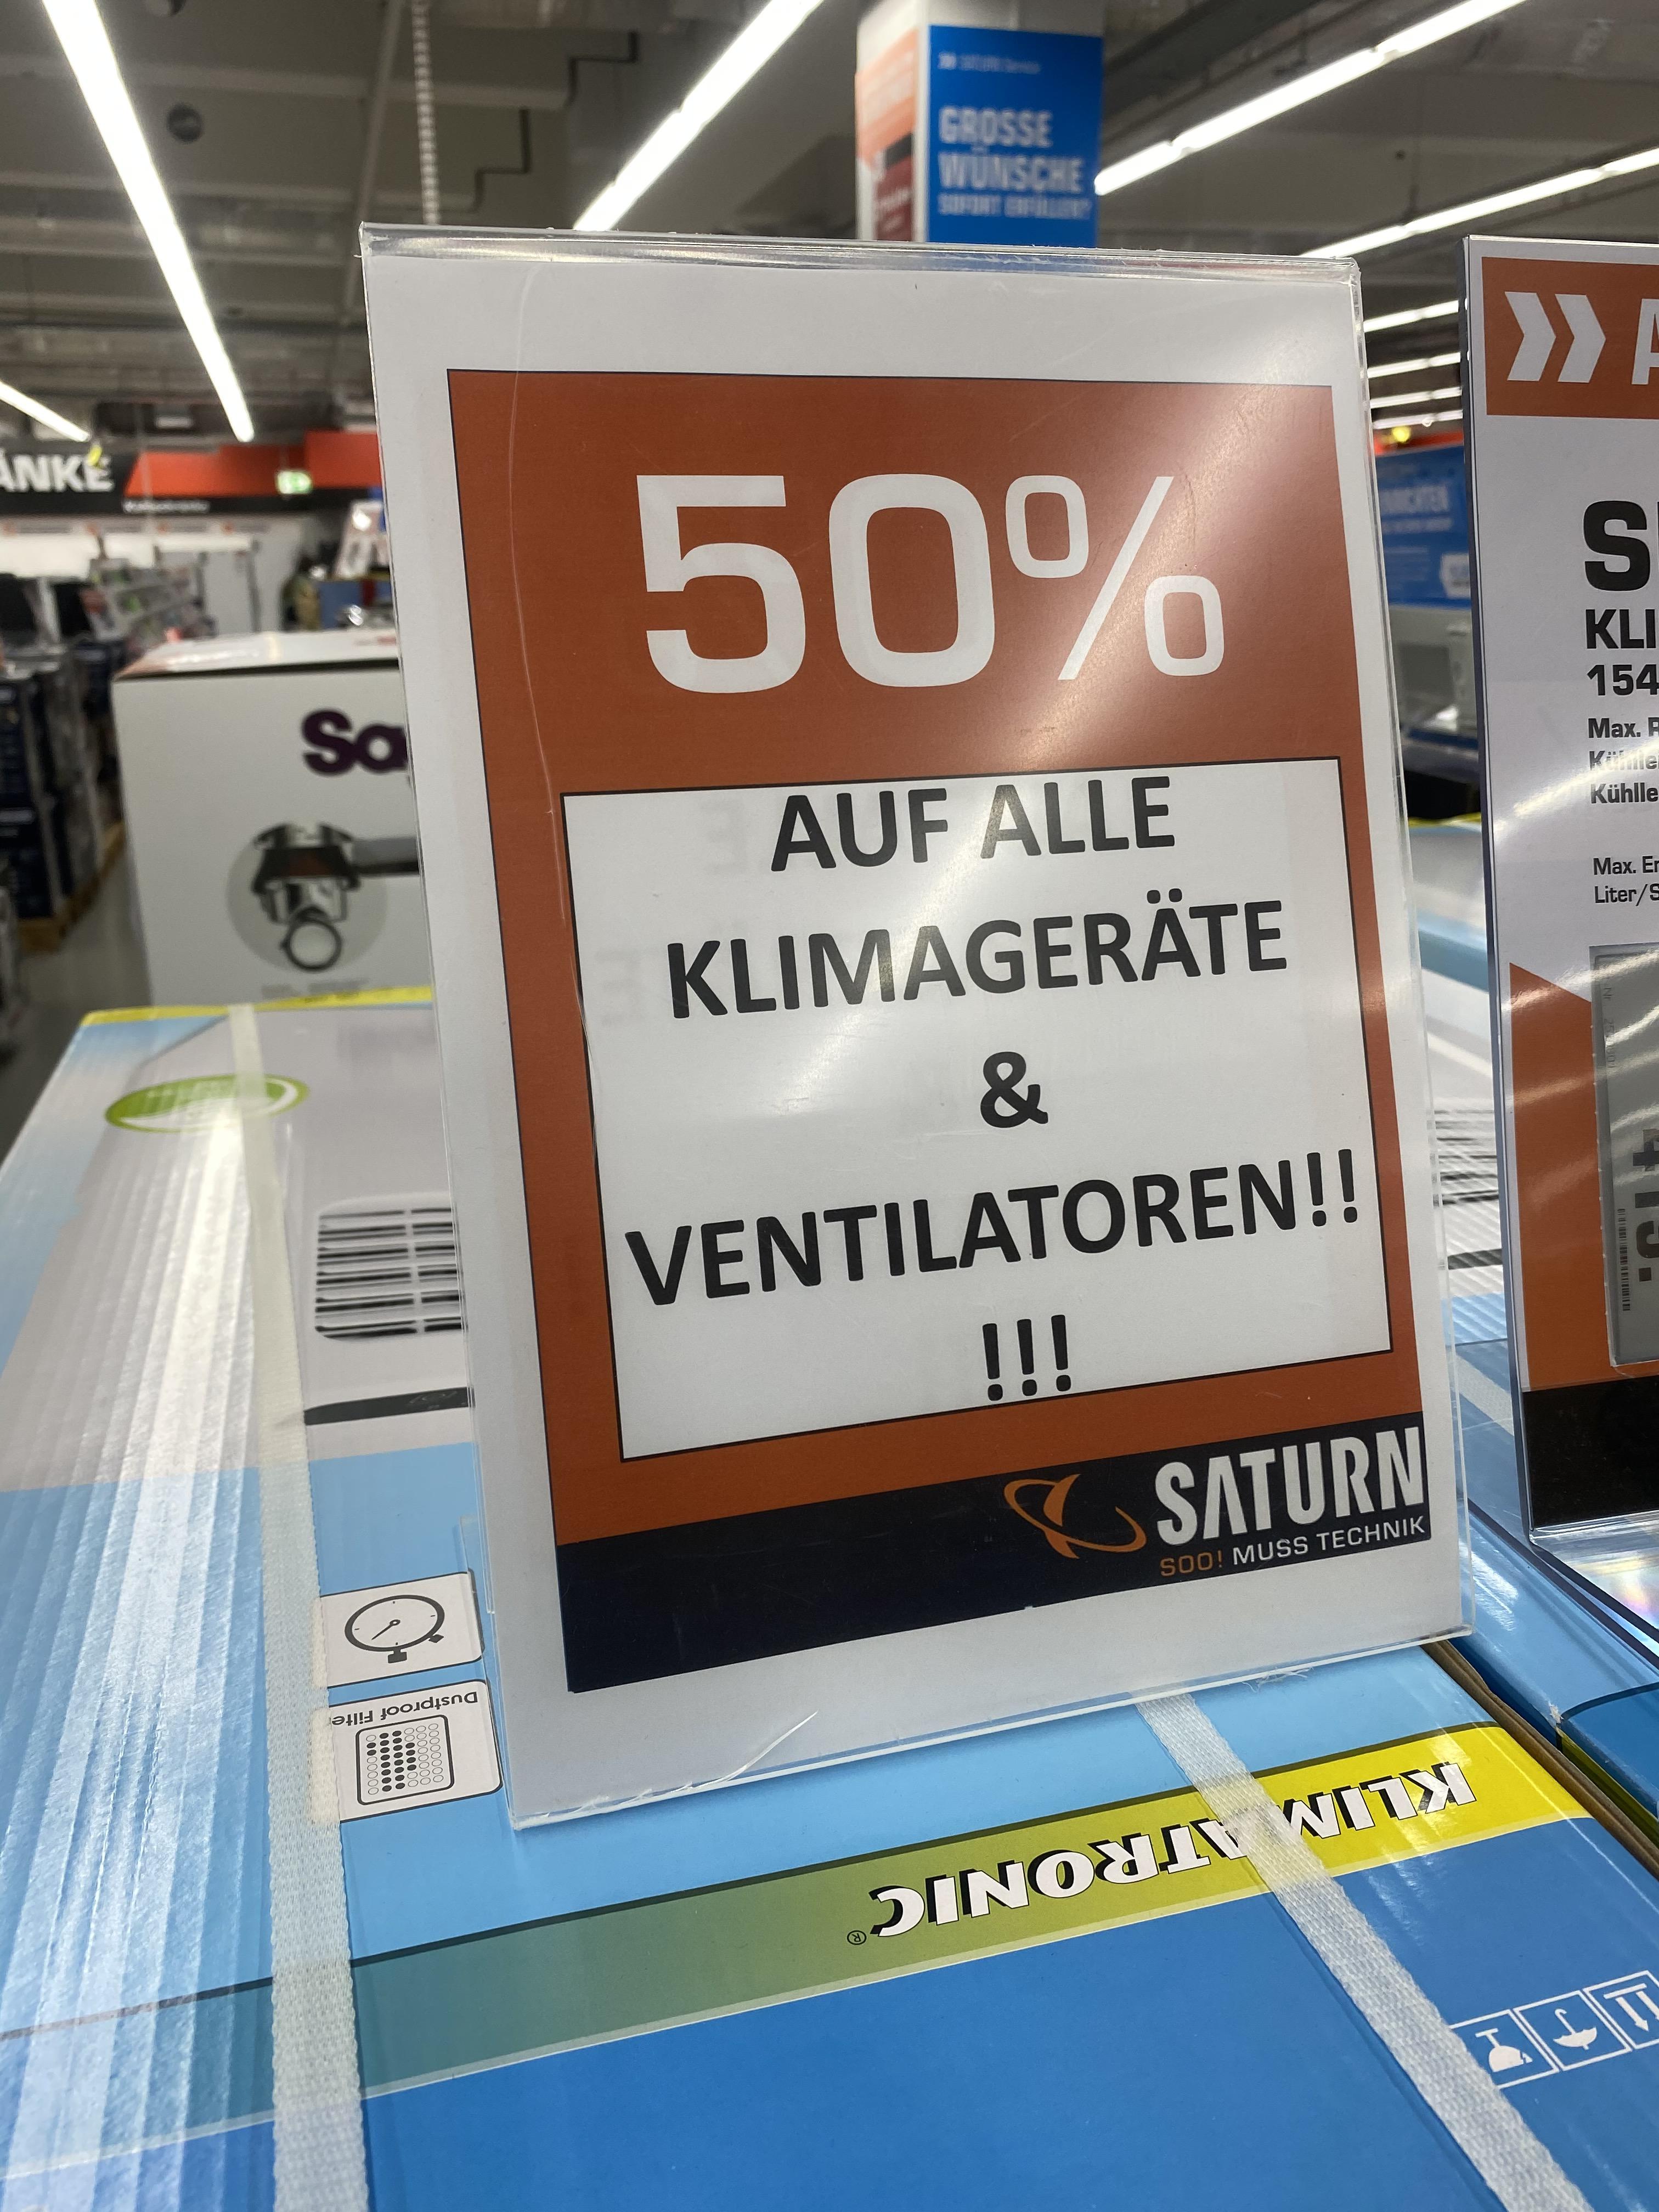 Saturn Hamm Klima Aktion 50% auf alle Klimageräte und Ventilatoren